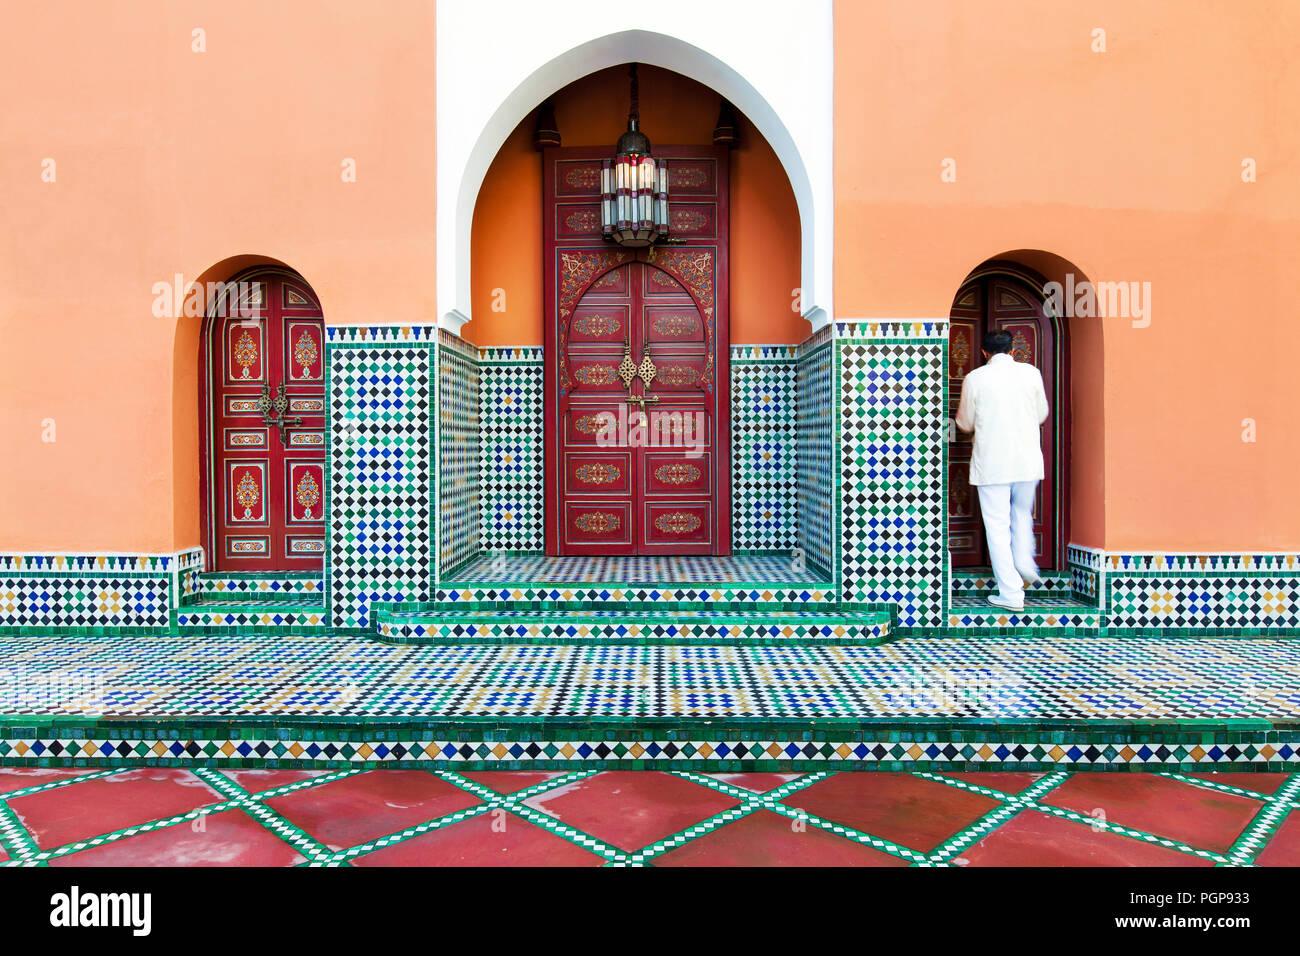 In piastrelle marocchine esterno con archi multipli e ornato da